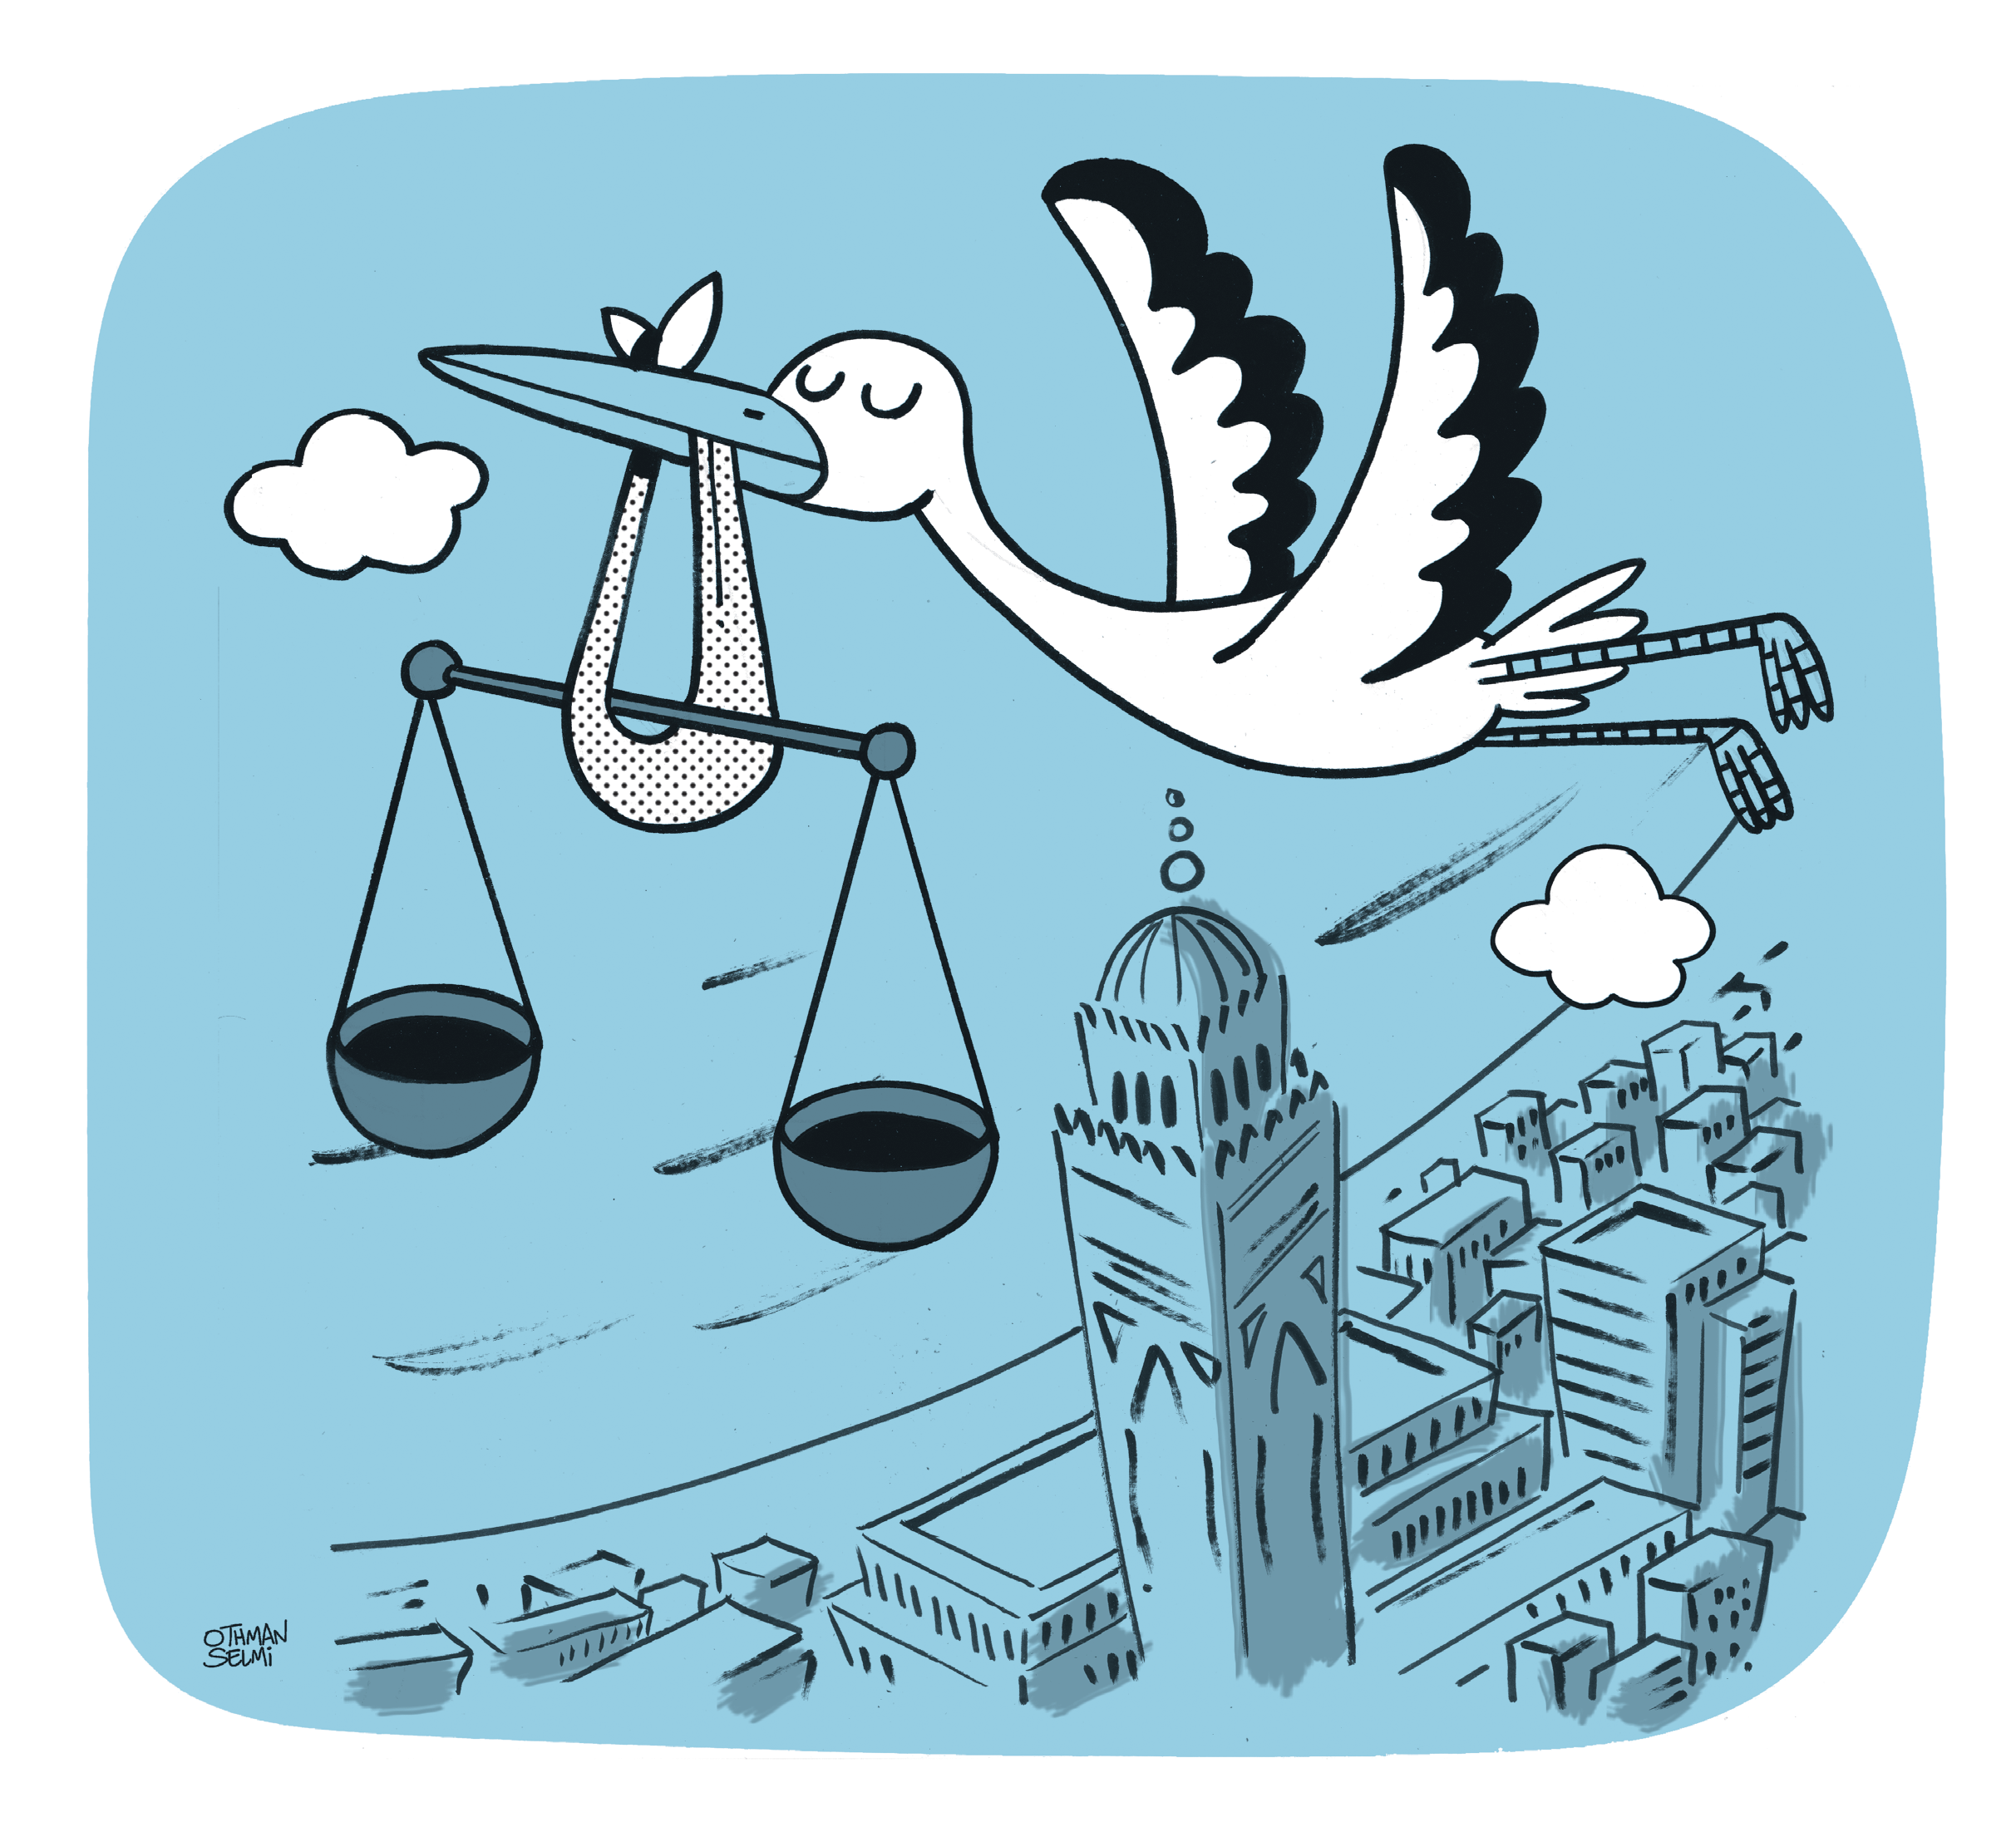 أبرز الأحكام القضائية في المغرب-2018 (1): أحكام هامة لإلزام الإدارات العامة بتنفيذ أحكام القضاء